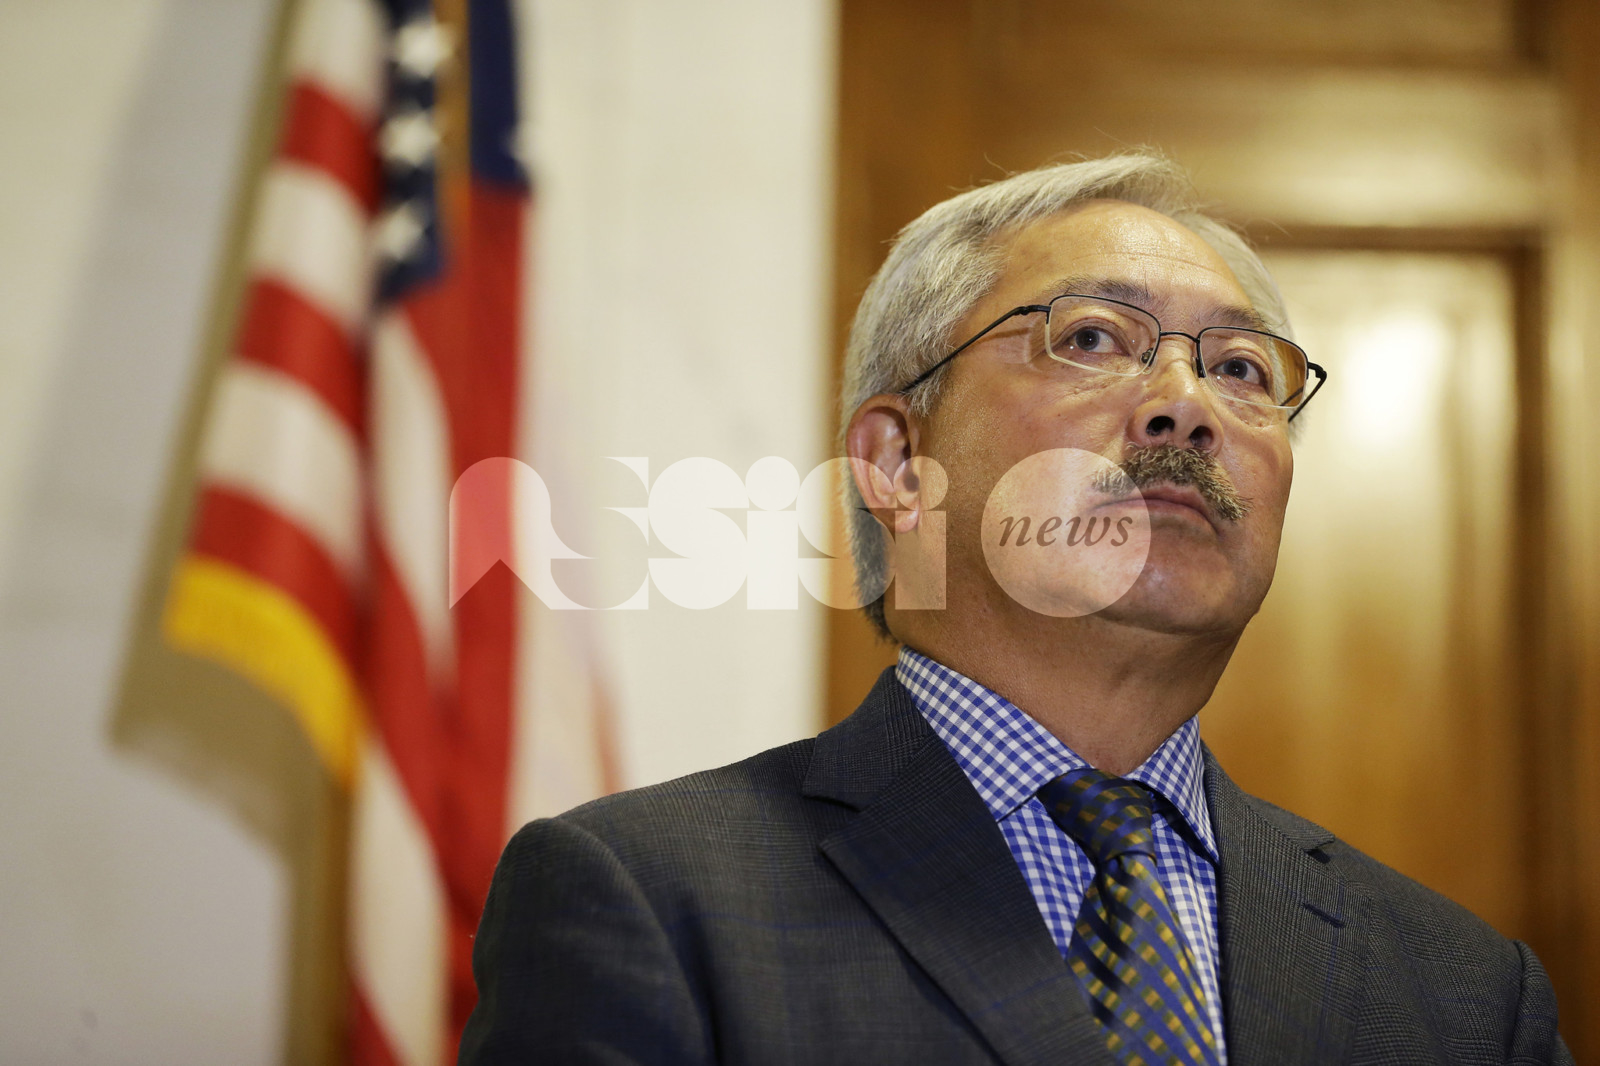 Morto Edwin Mah Lee, sindaco di San Francisco: il cordoglio della 'gemella' Assisi